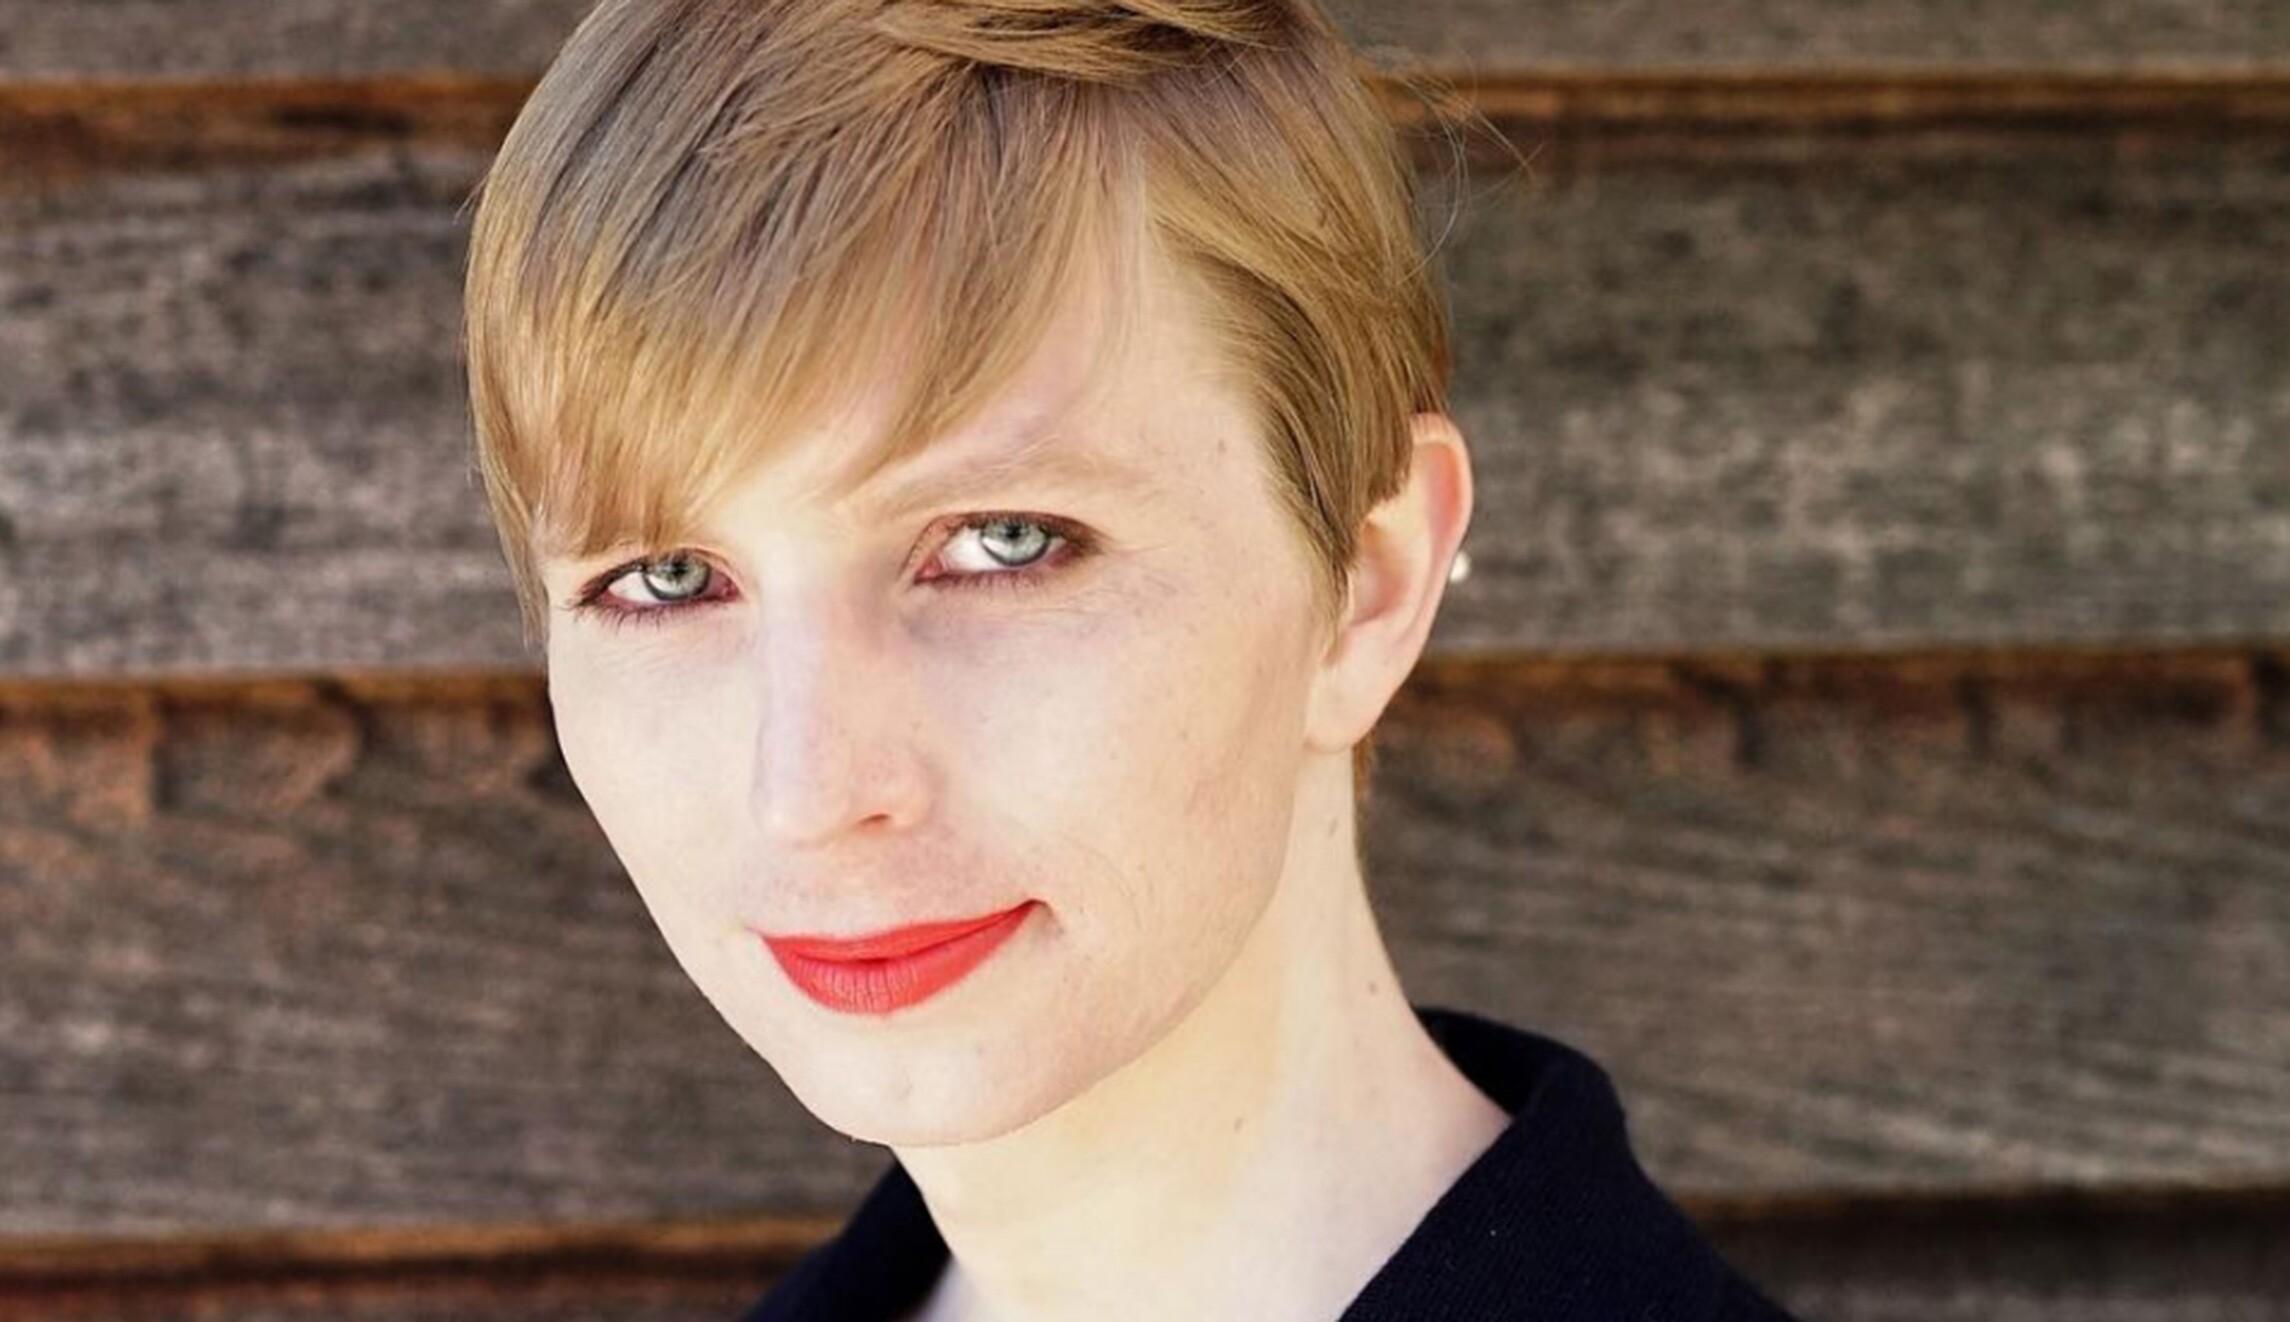 Dauerhafter Service große Auswahl beste Sammlung Chelsea Manning's attorney blasts ACLU's decision to defend ...